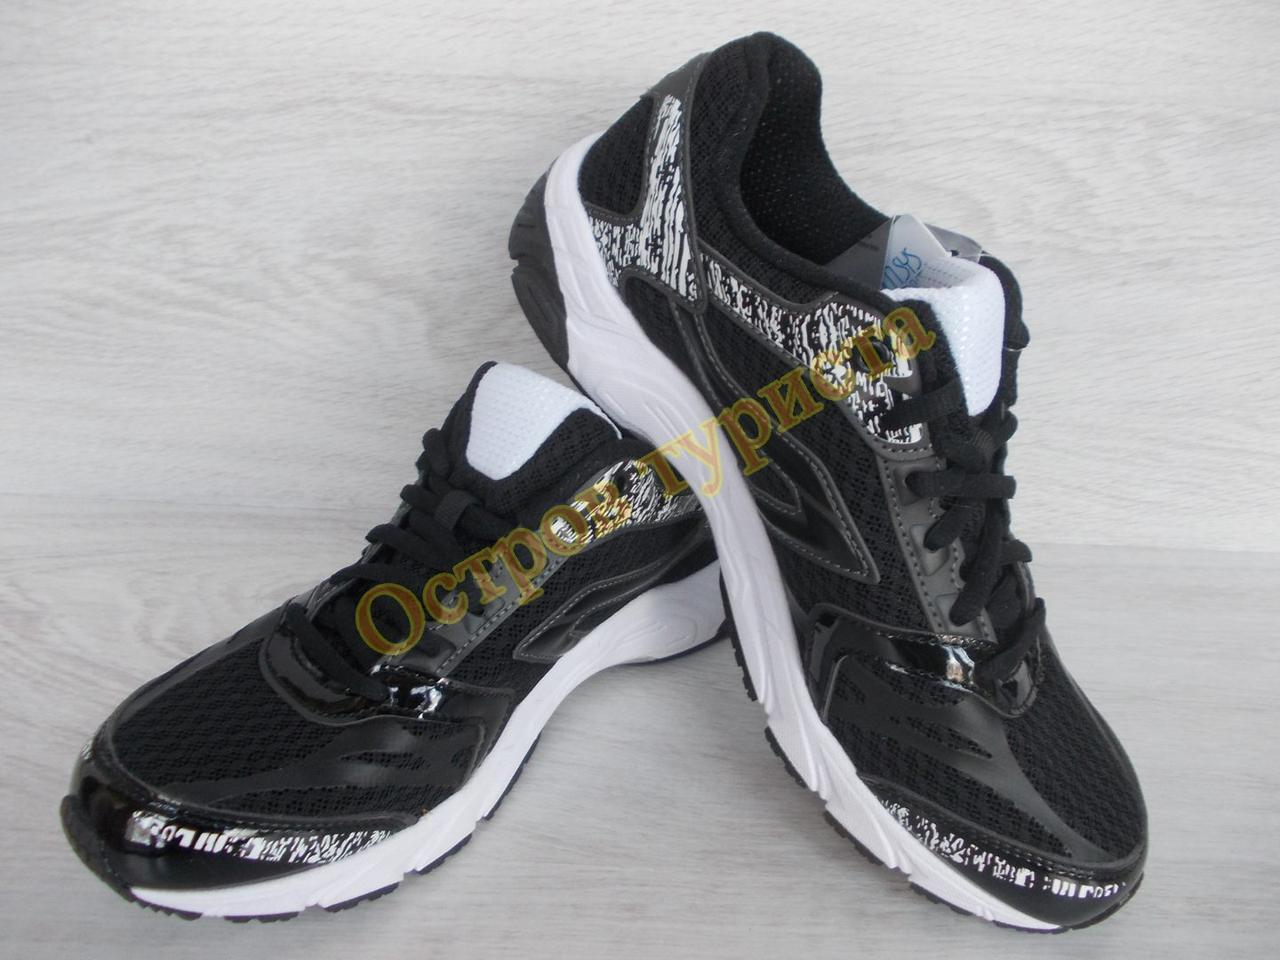 Кроссовки  Crivit 293608  размер 38 стелька 25 см черные  с вставками